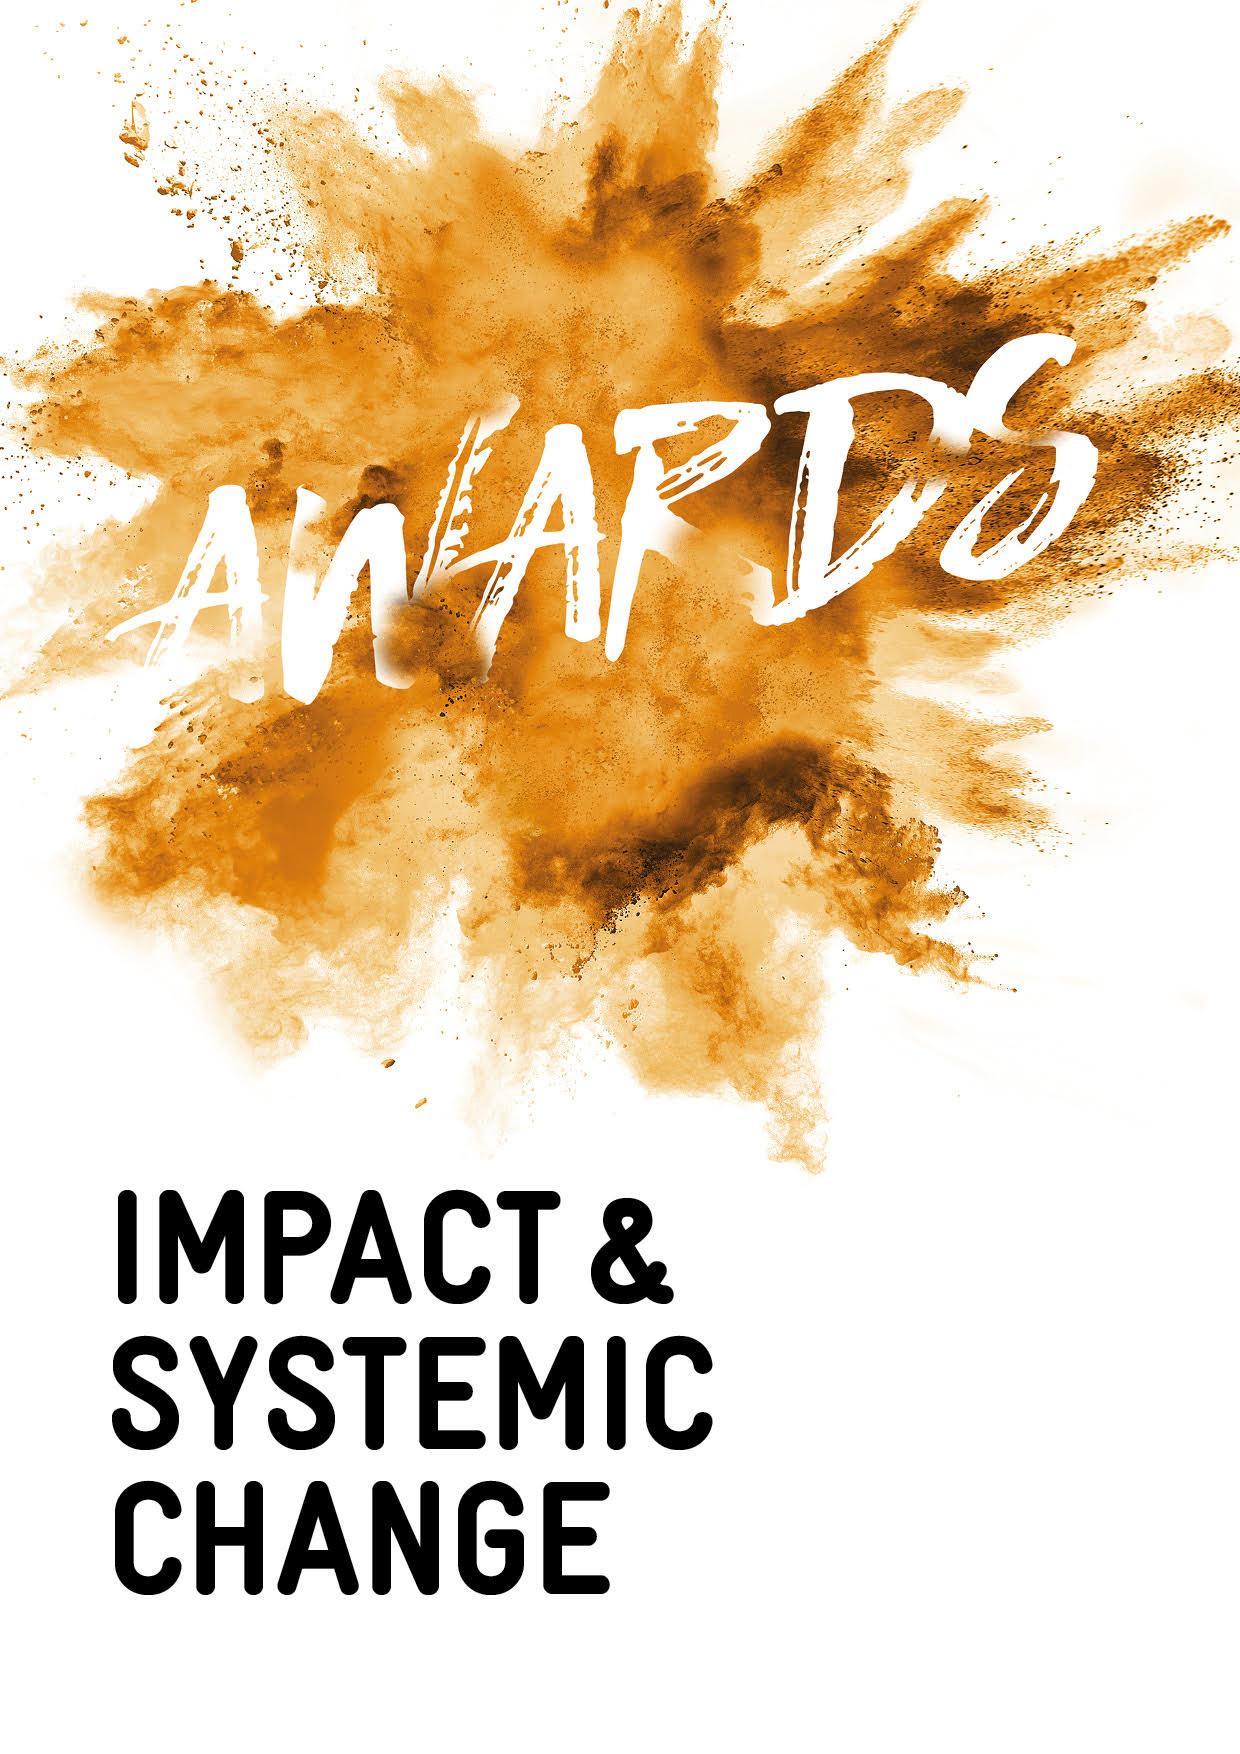 seif Impact Awards